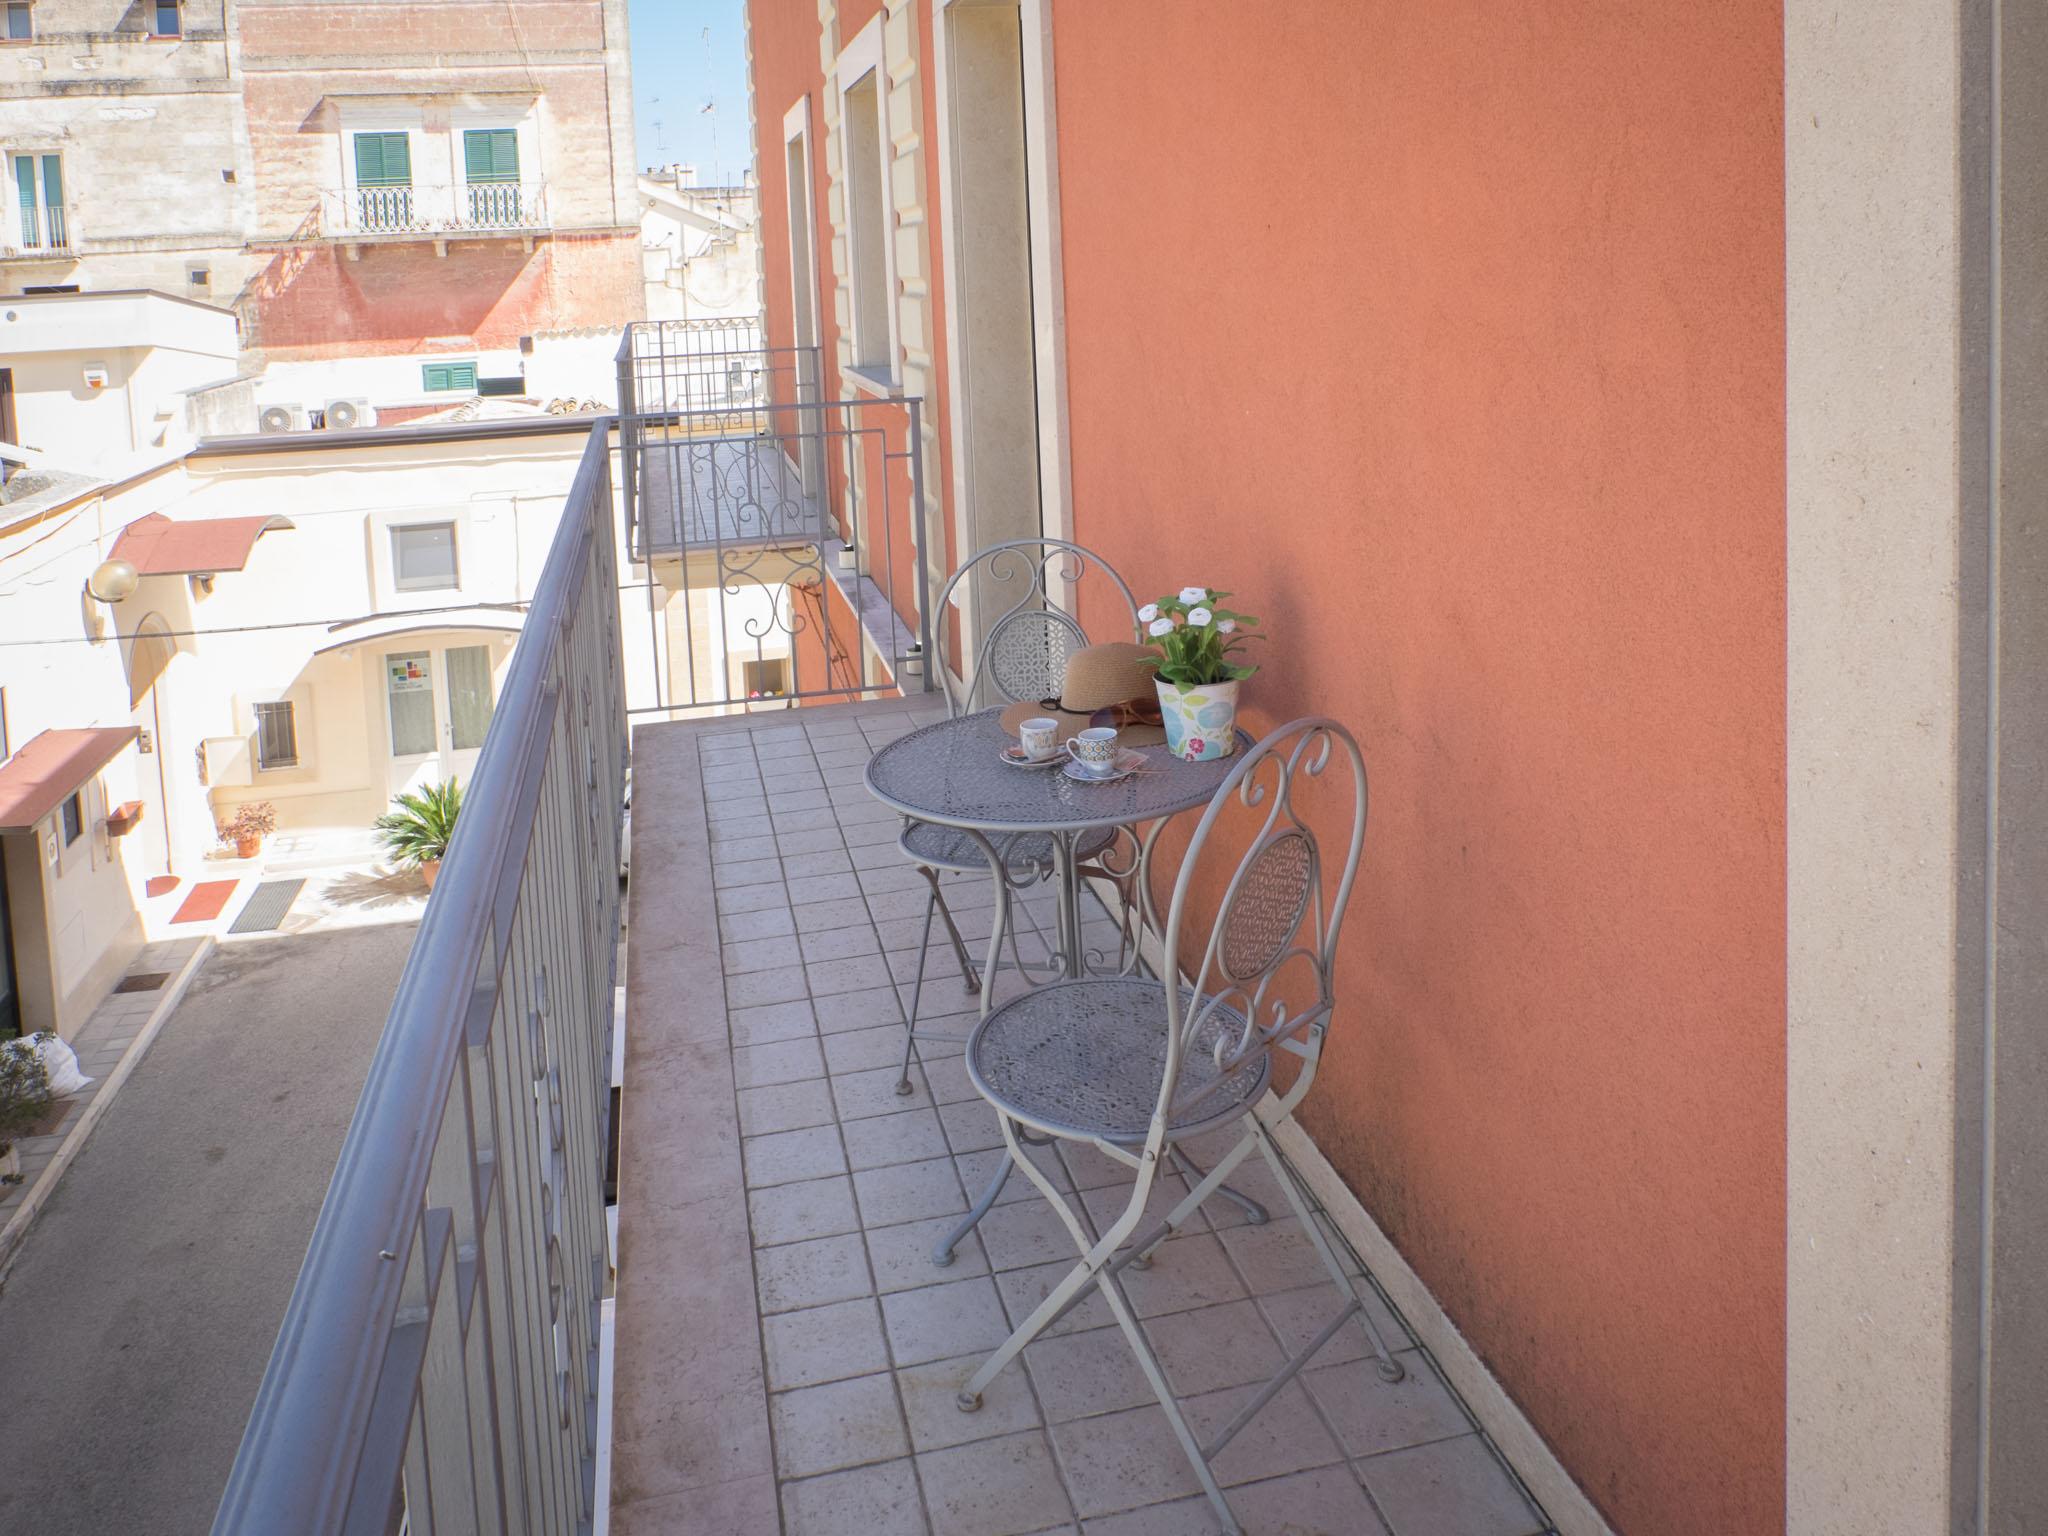 bizantini apartments la-casa-dei-nonni-casa-vacanze-bb-camere-dormire-sassi-di-matera-basilicata-58